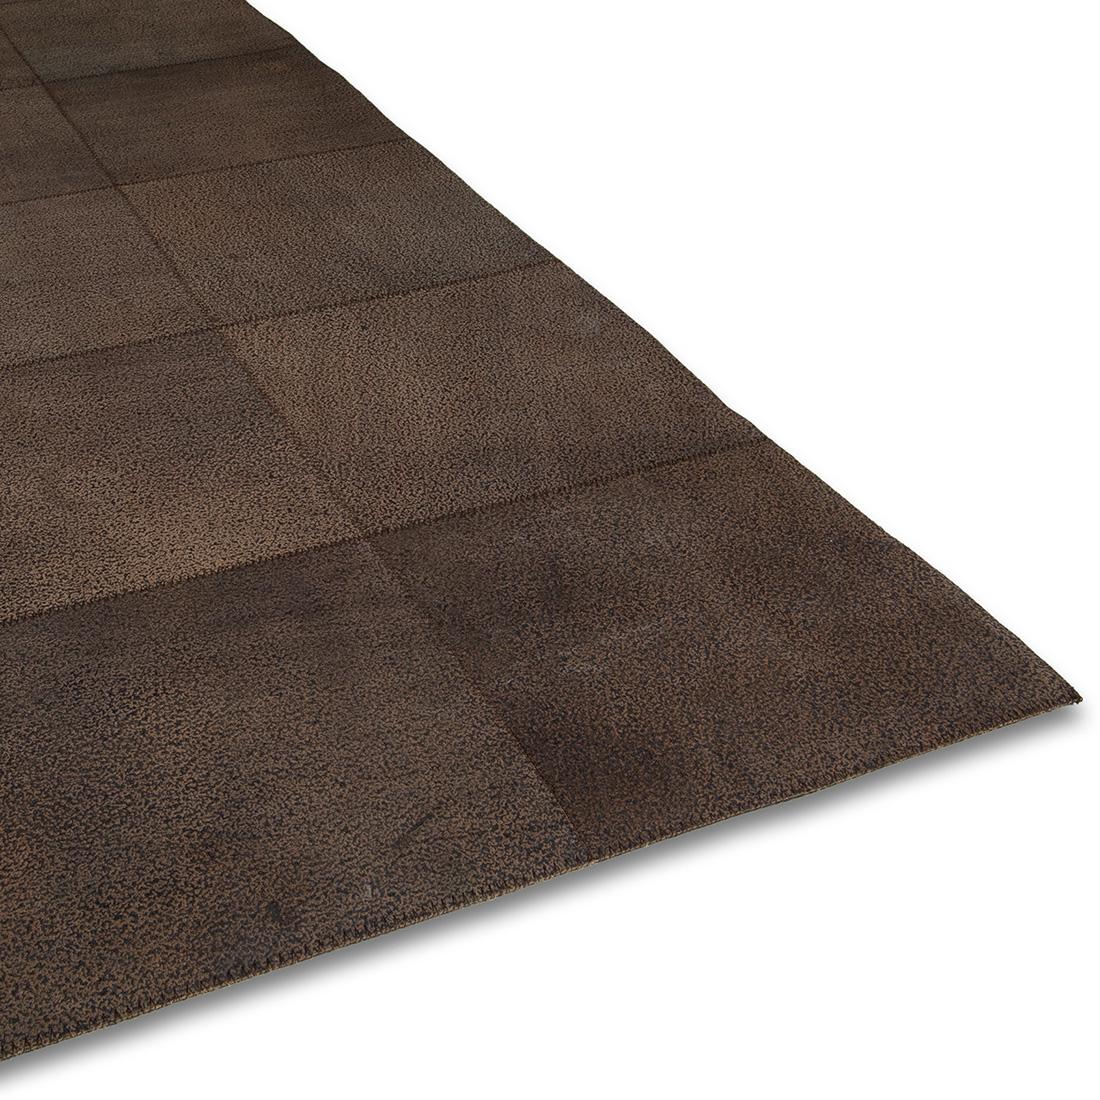 Vloerkleed Brinker Rosso Brown | 170 x 230 cm